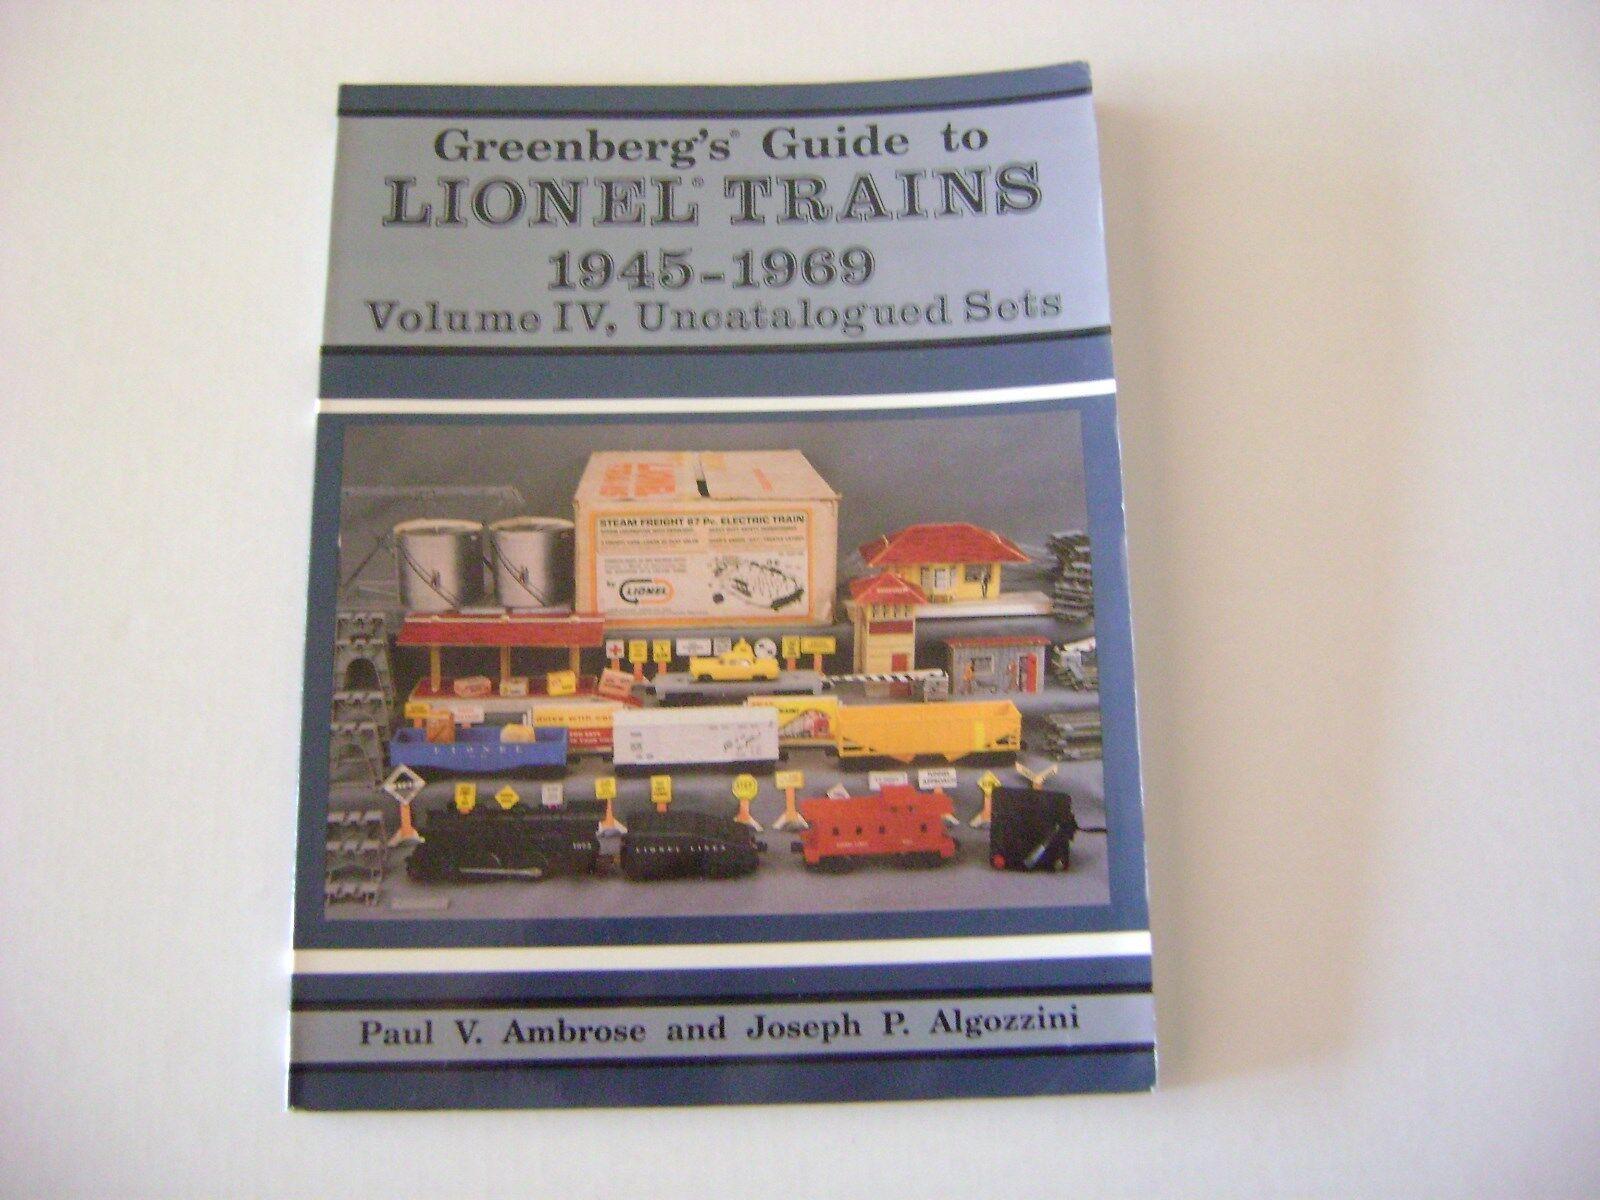 verdeberg's Guide To Trenes Lionel 1945-1969 Vol. IV, uncatalogued conjuntos